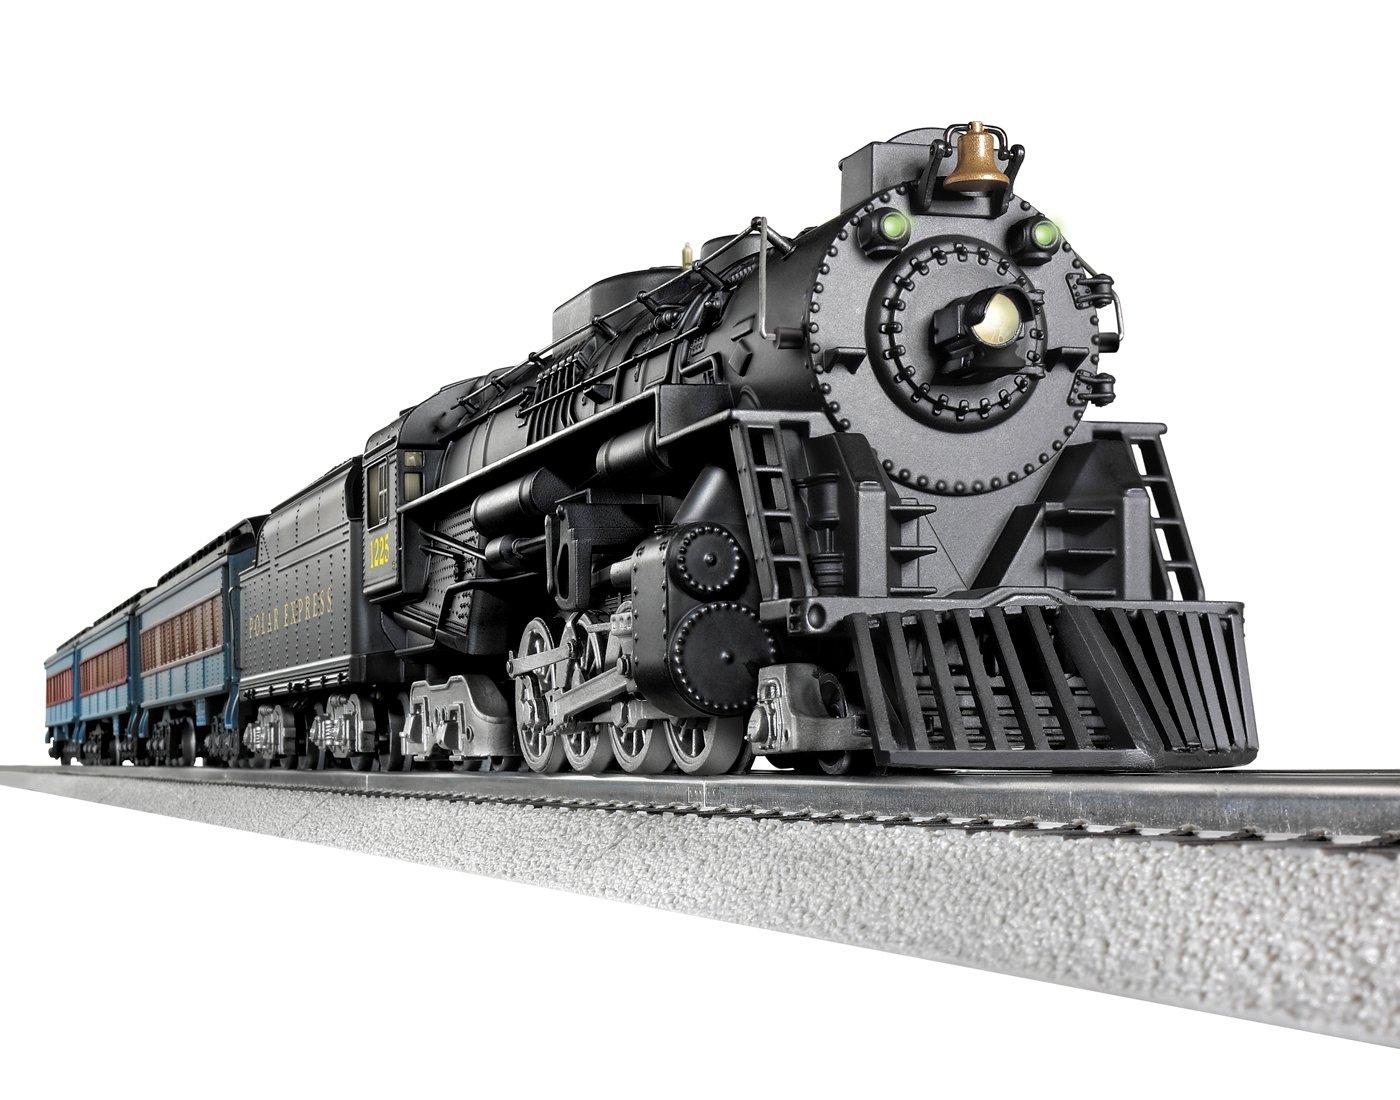 公式の店舗 Lionel 6-31960 ライオネルポーラーエクスプレスの列車セット 6-31960 Lionel B0006GYMTI 並行輸入品 B0006GYMTI, 知立市:c8b97b90 --- test.ips.pl